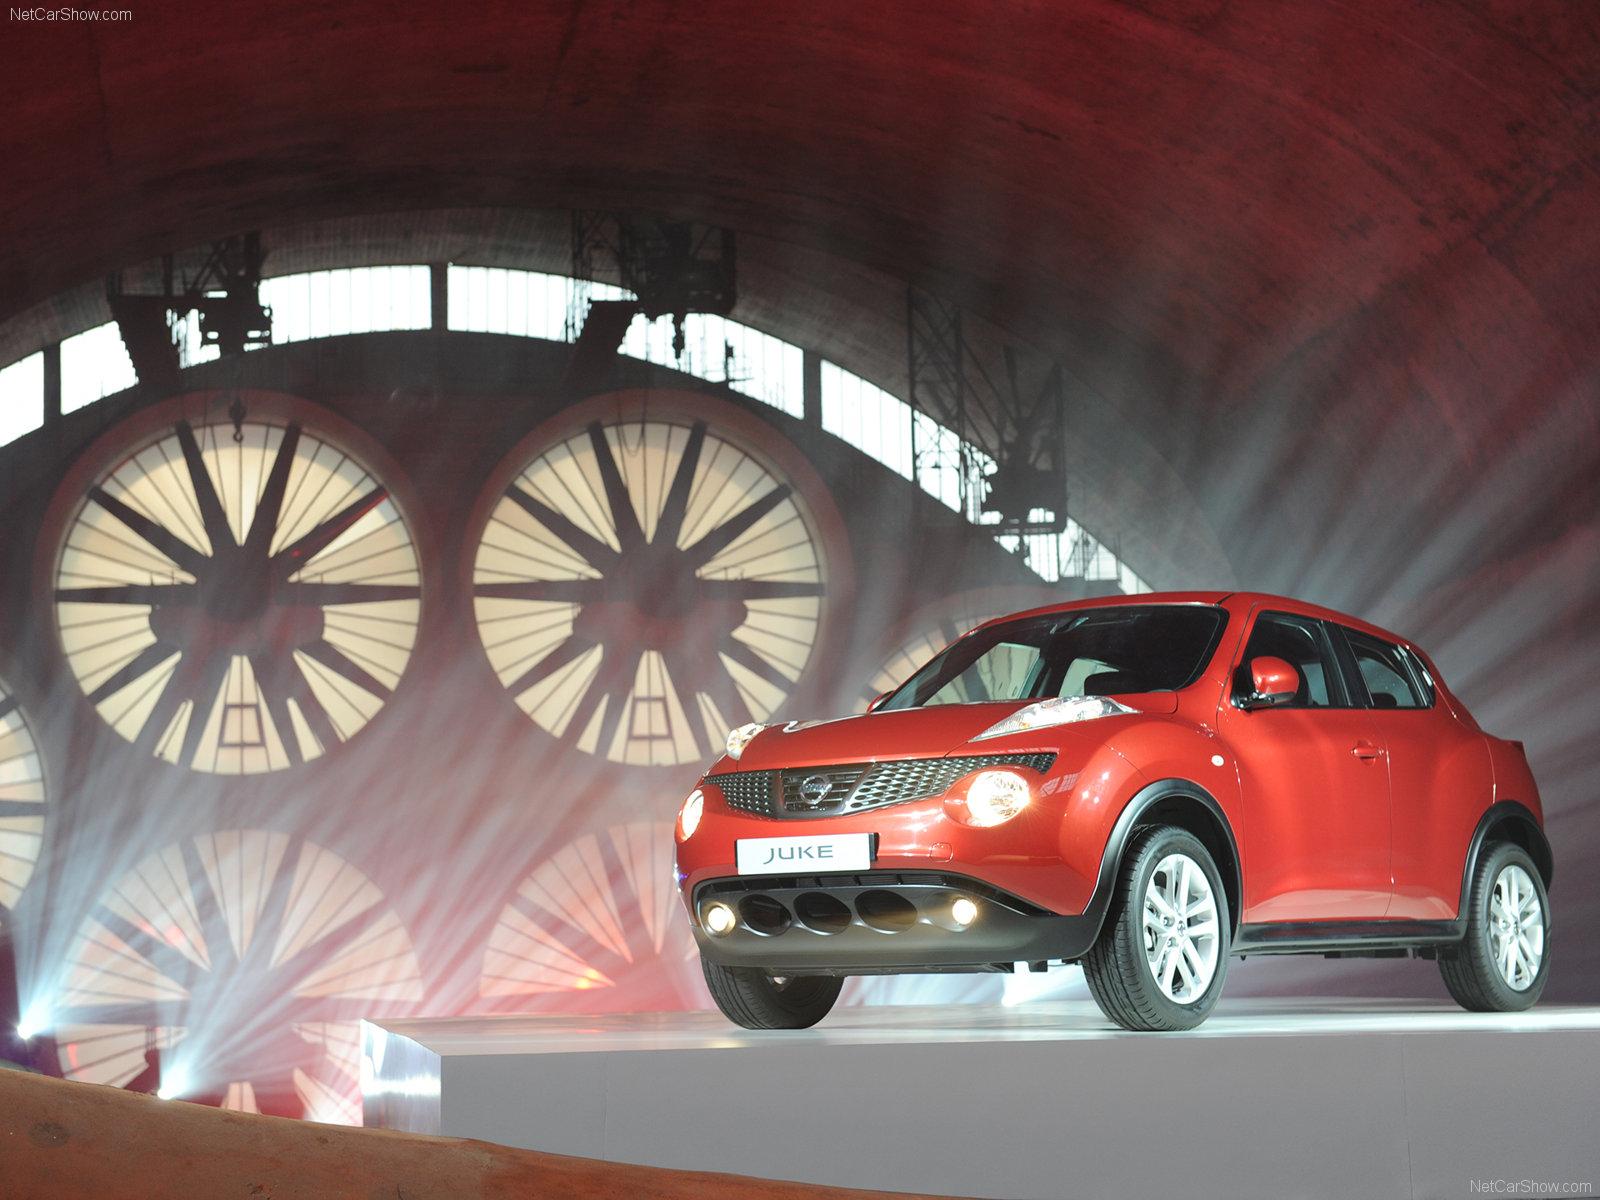 Фото Nissan Juke предоставлены. Фото внешнего дизайна молодежного